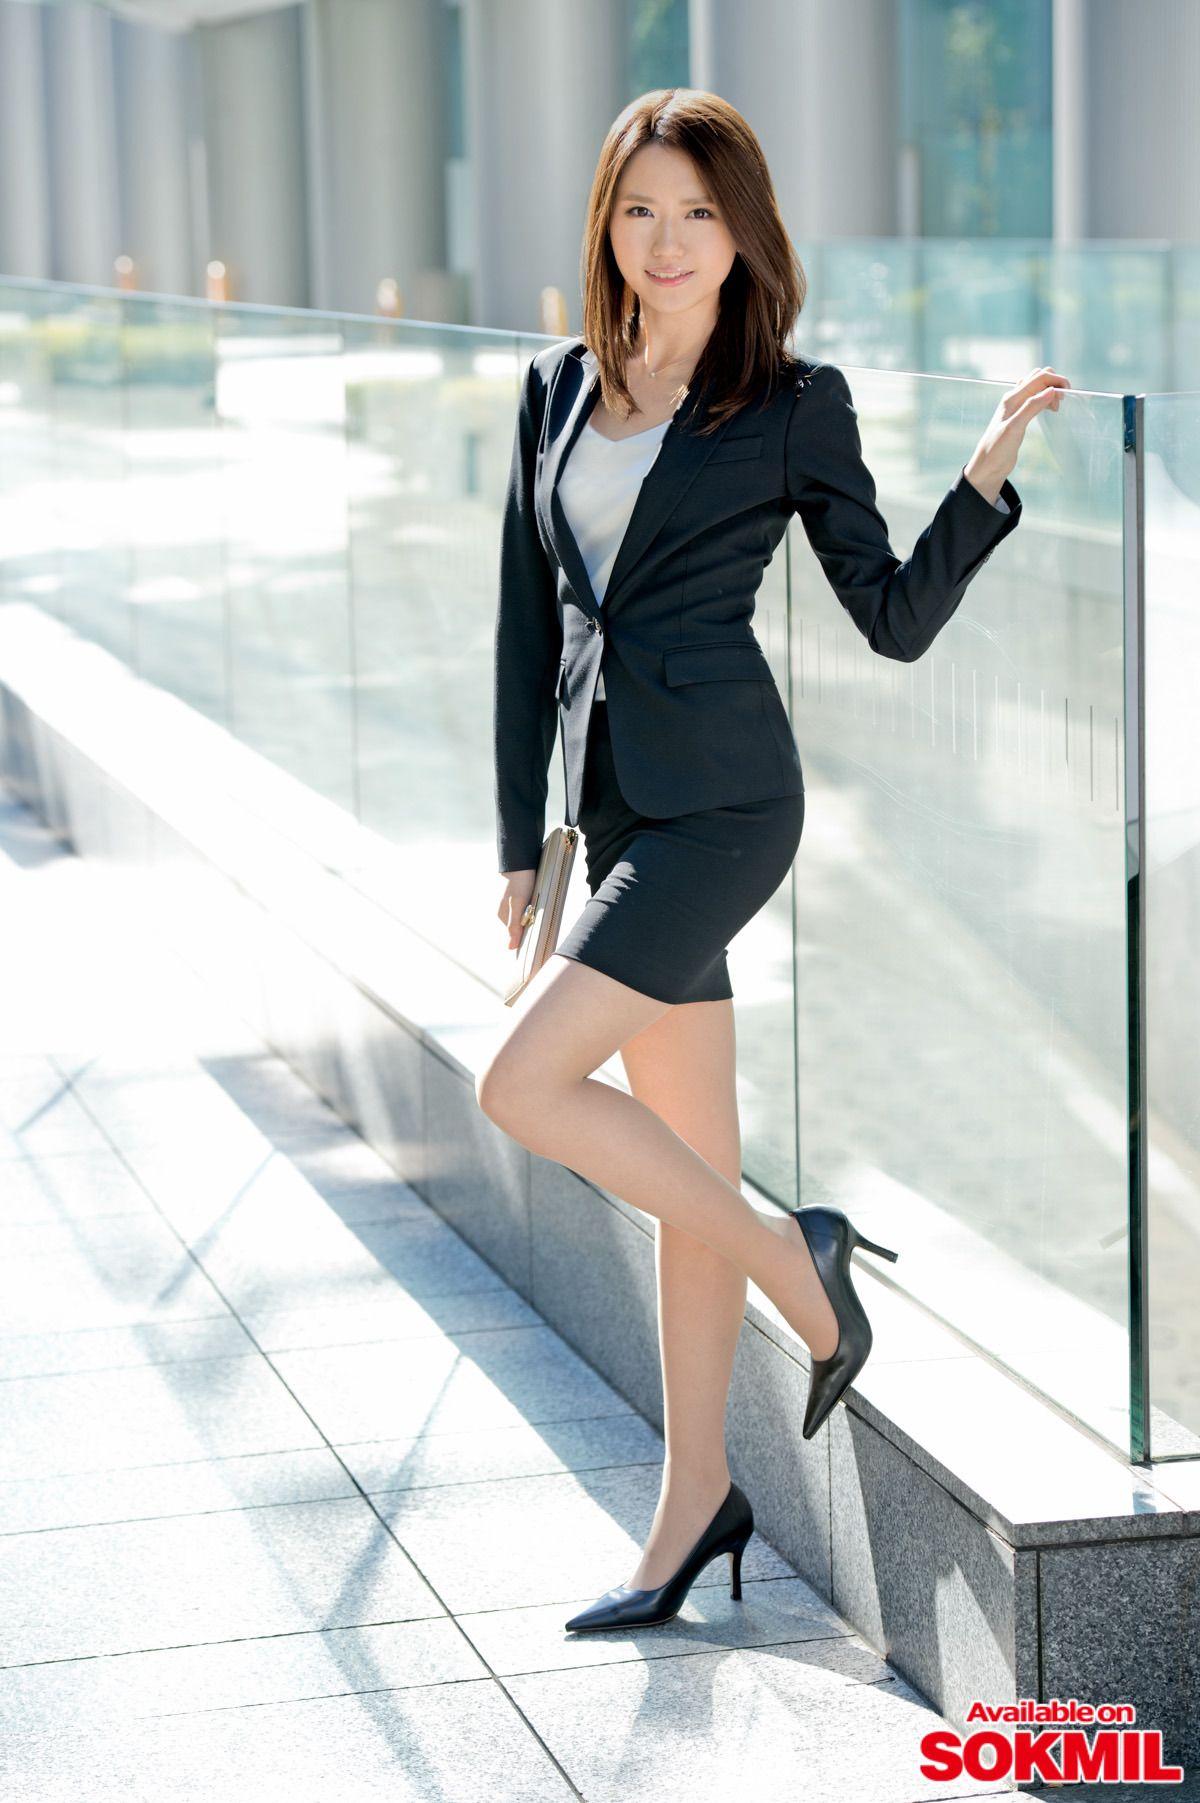 三次元 3次元 エロ画像  スーツ  スカートスーツ OL べっぴん娘通信 20